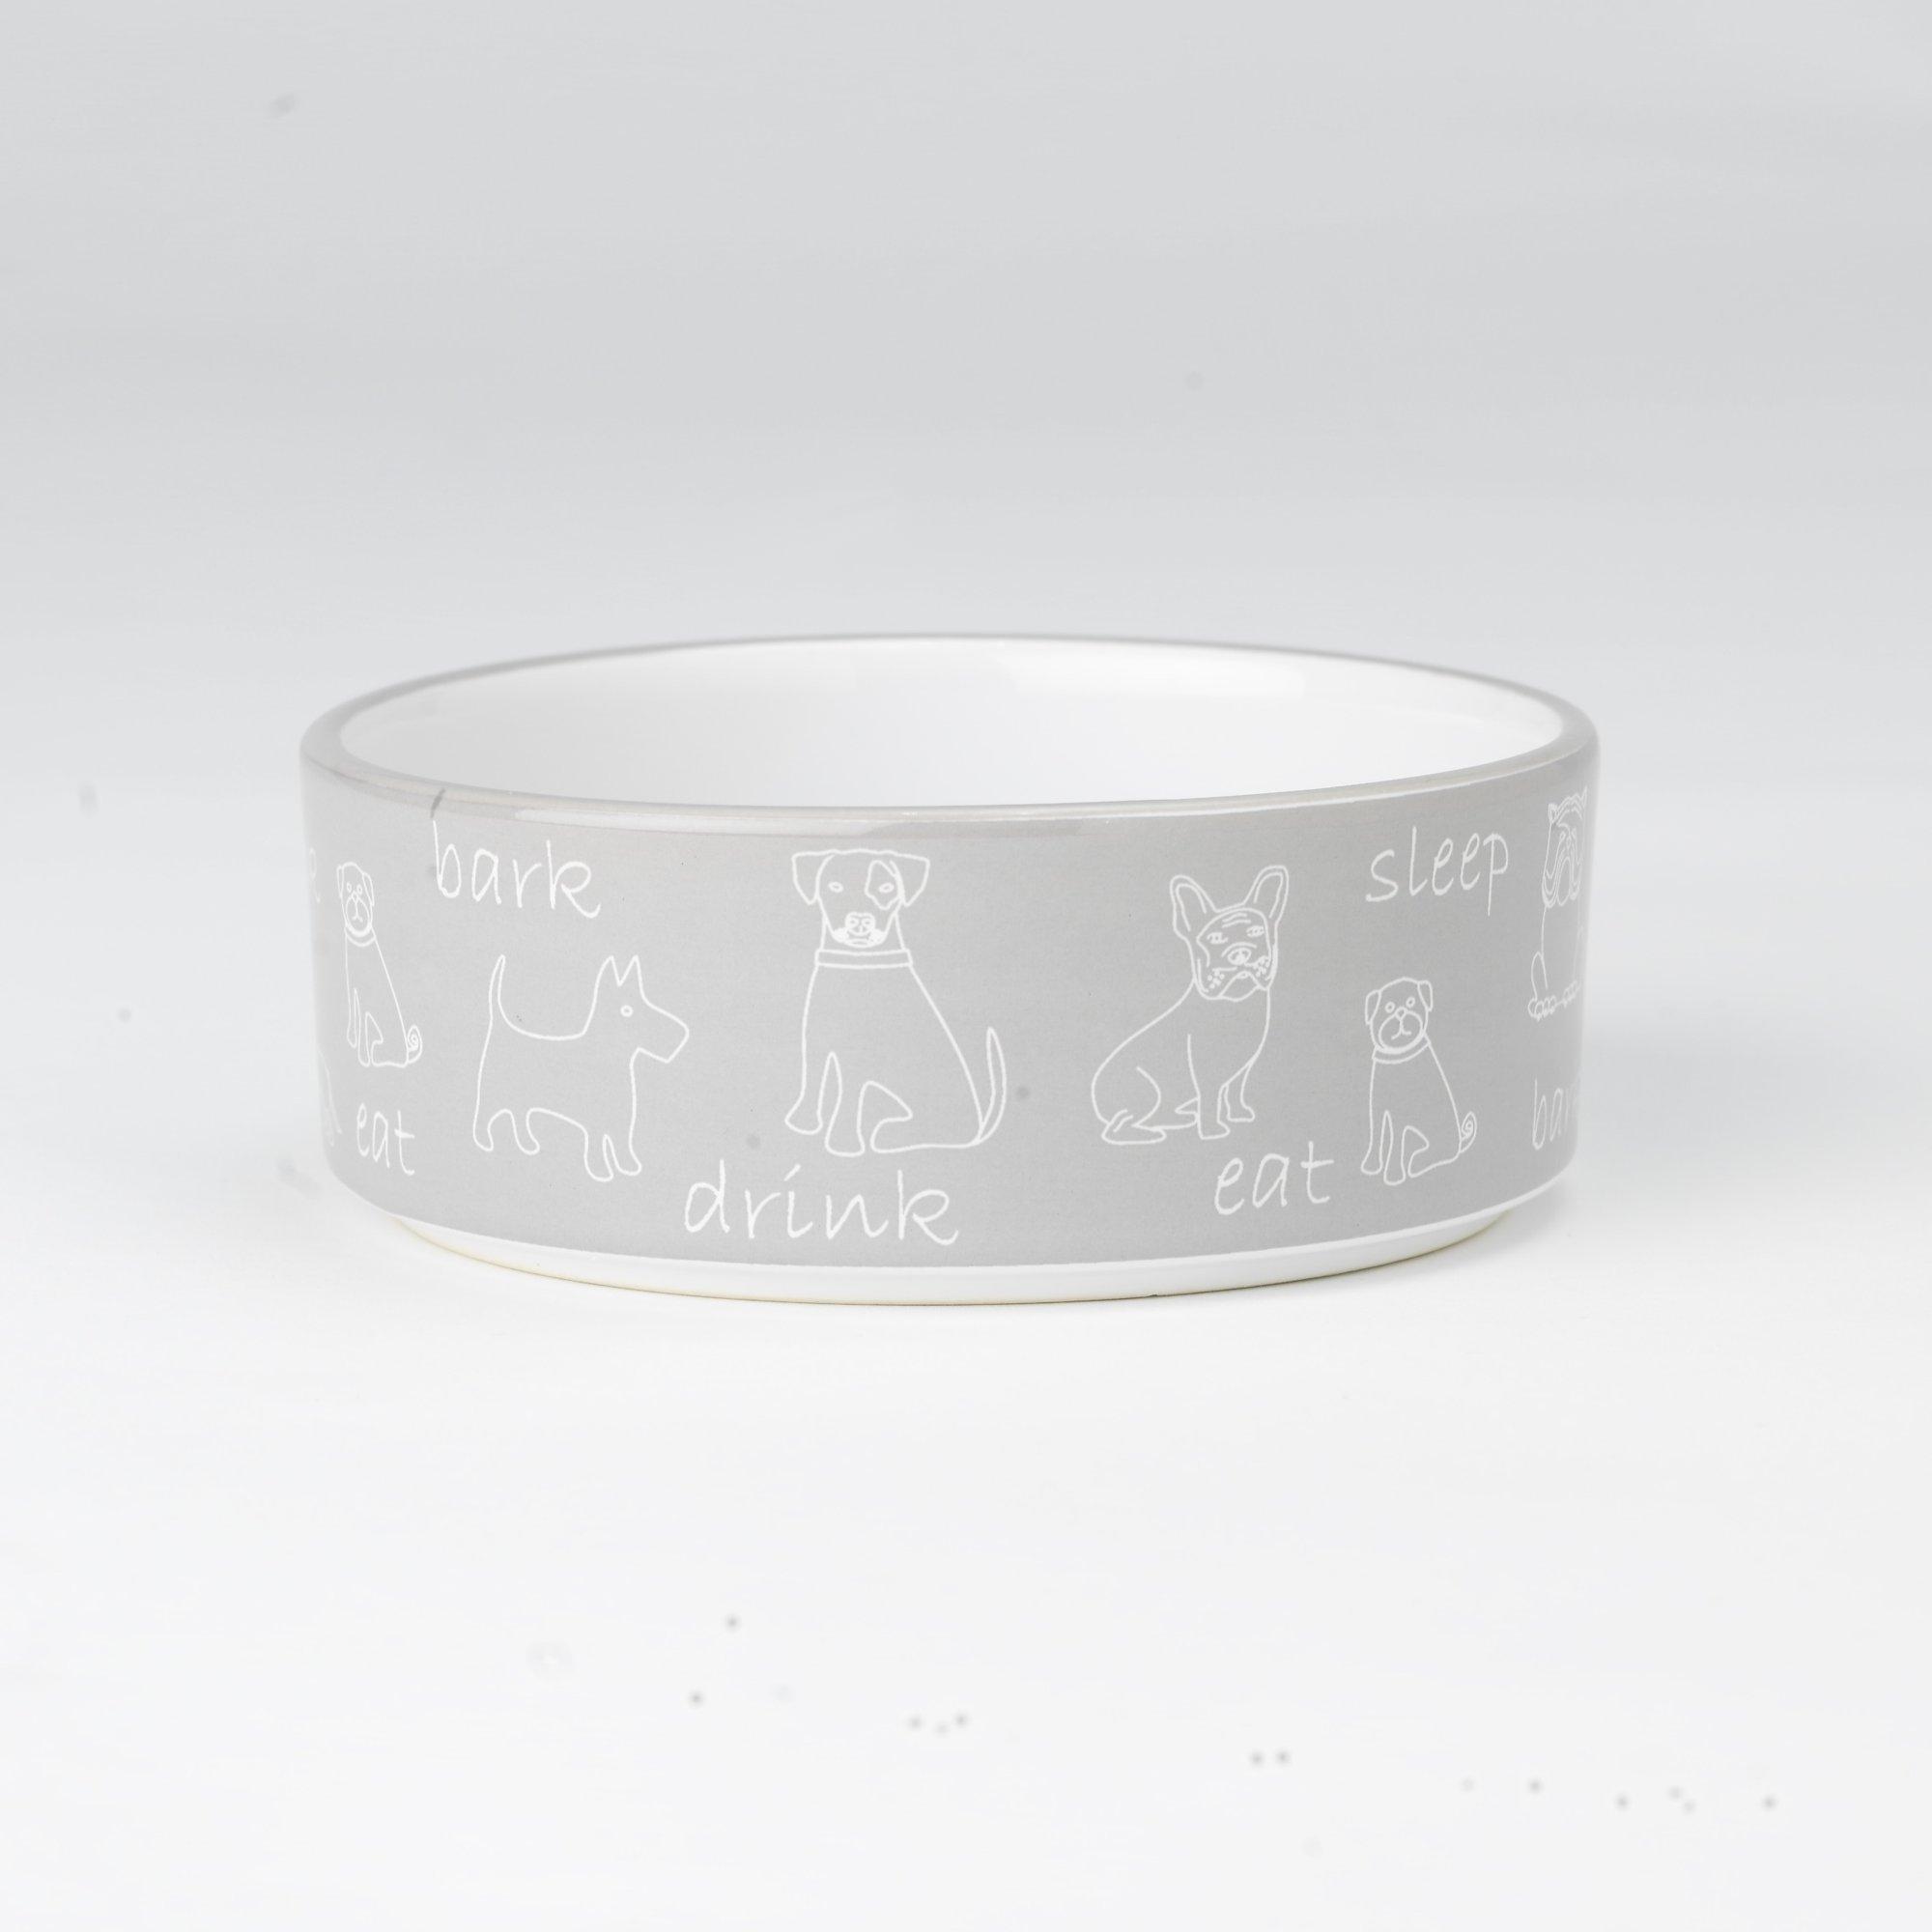 Petrageous Designs Playful Pet Dark Bark Dog Bowl